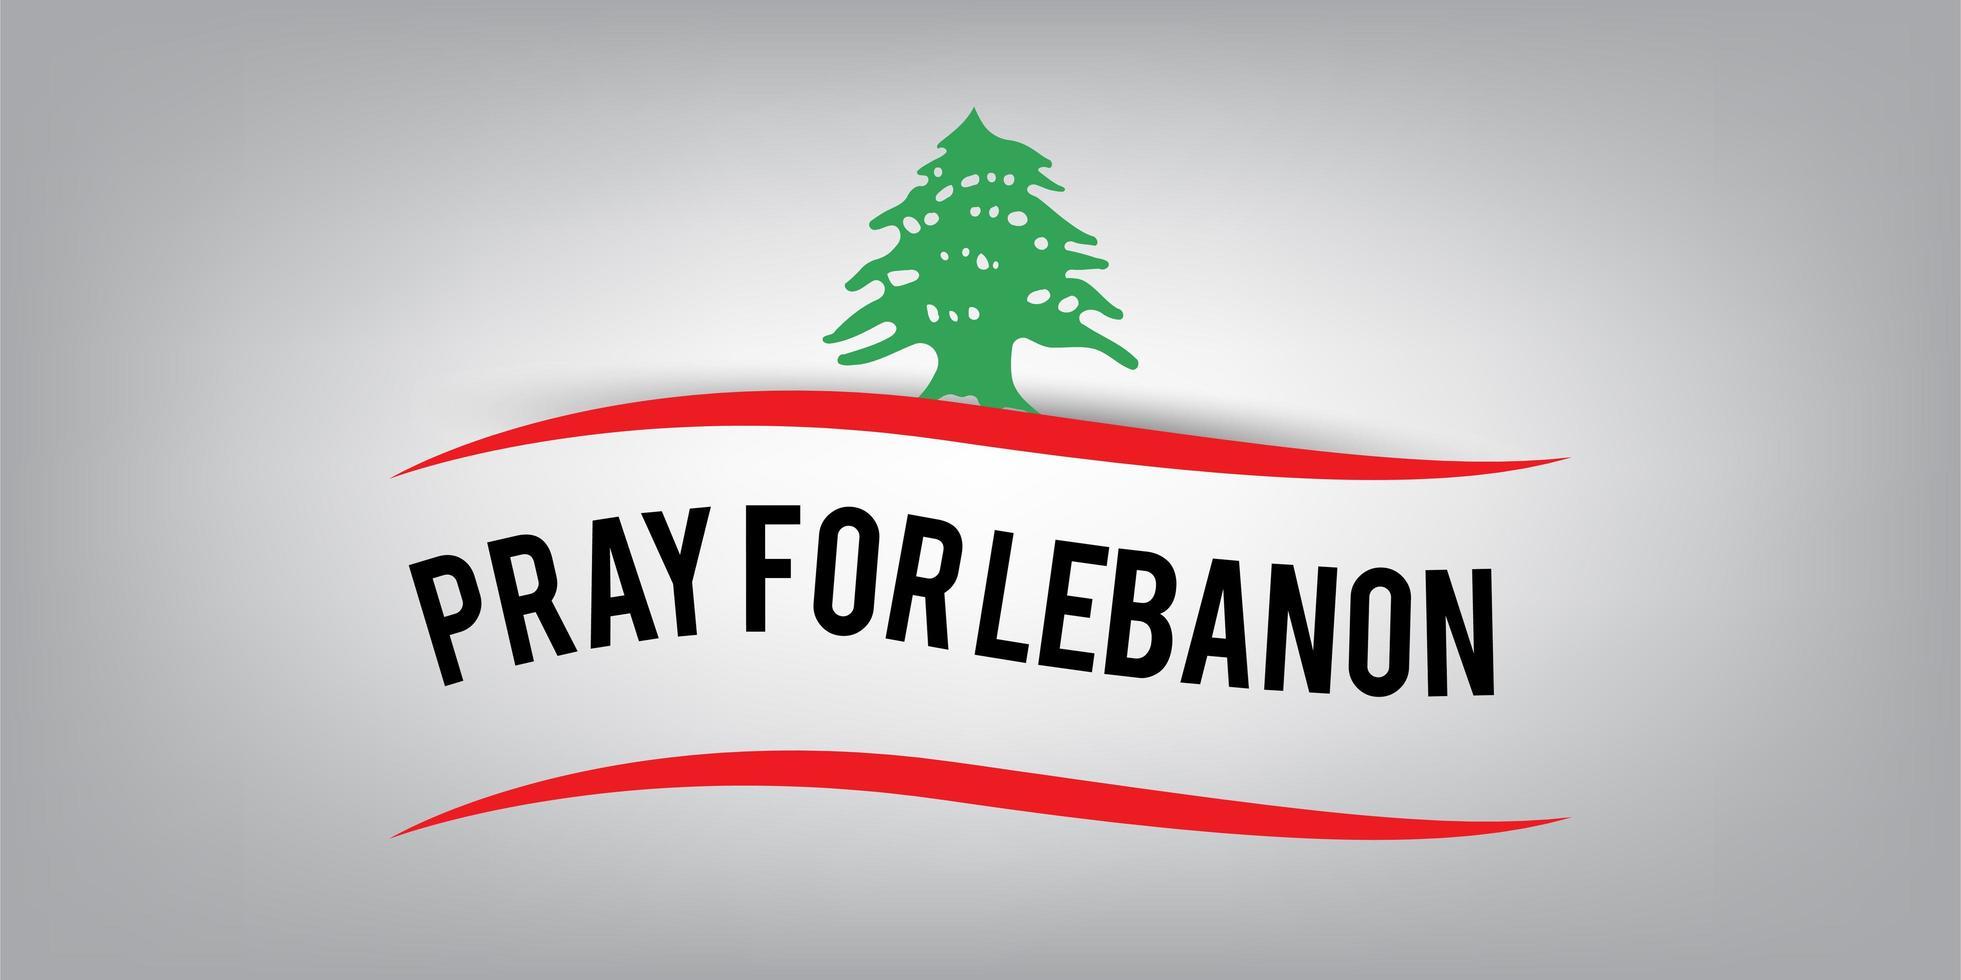 bandiera del libano con pregare per il concetto di beirut. vettore